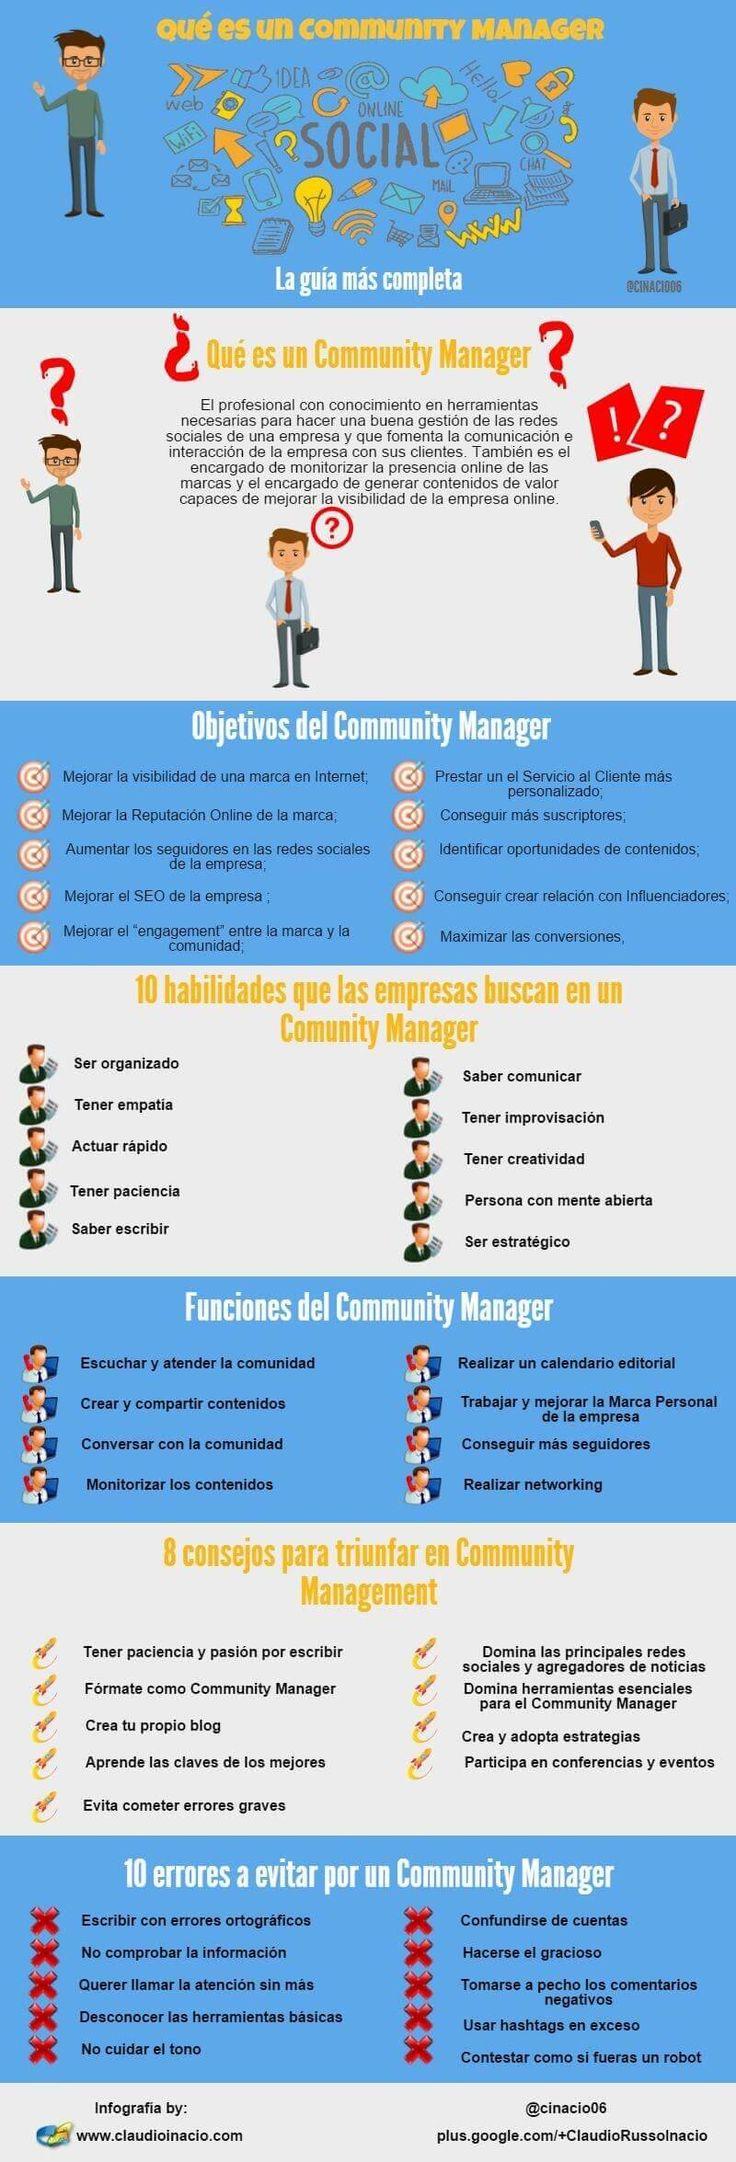 Infografía sobre qué es un Community Manager.  No consiste sólo en tener abierto perfiles en las redes, un CM es por ejemplo el responsable de la comunidad online creada entorno a una empresa o la voz y oídos de la misma en las Redes Sociales. Vía @ cinacio06